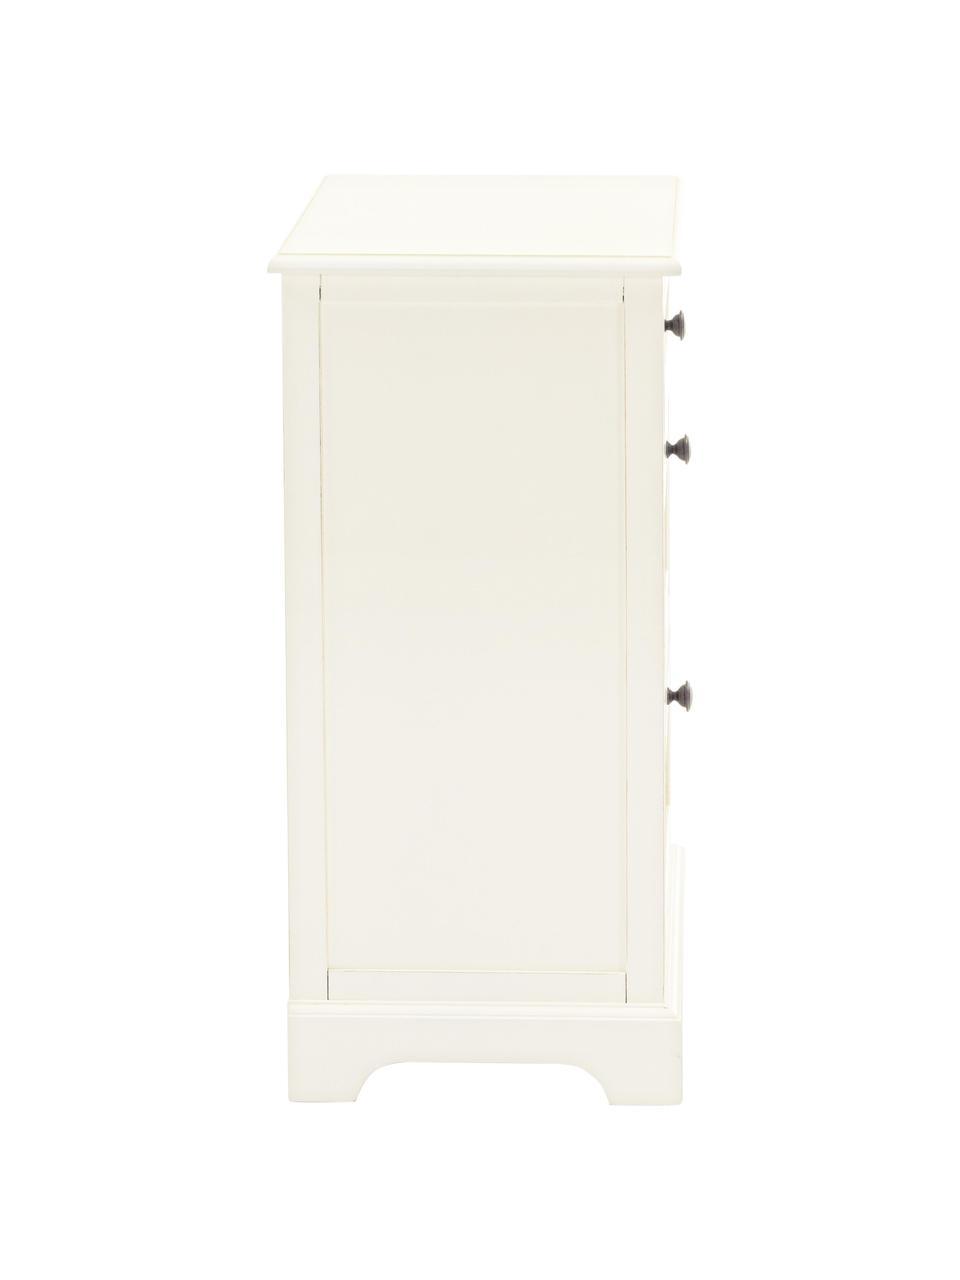 Nachttisch Annabel, Griffe: Zink, Weiß, Zink, 40 x 70 cm